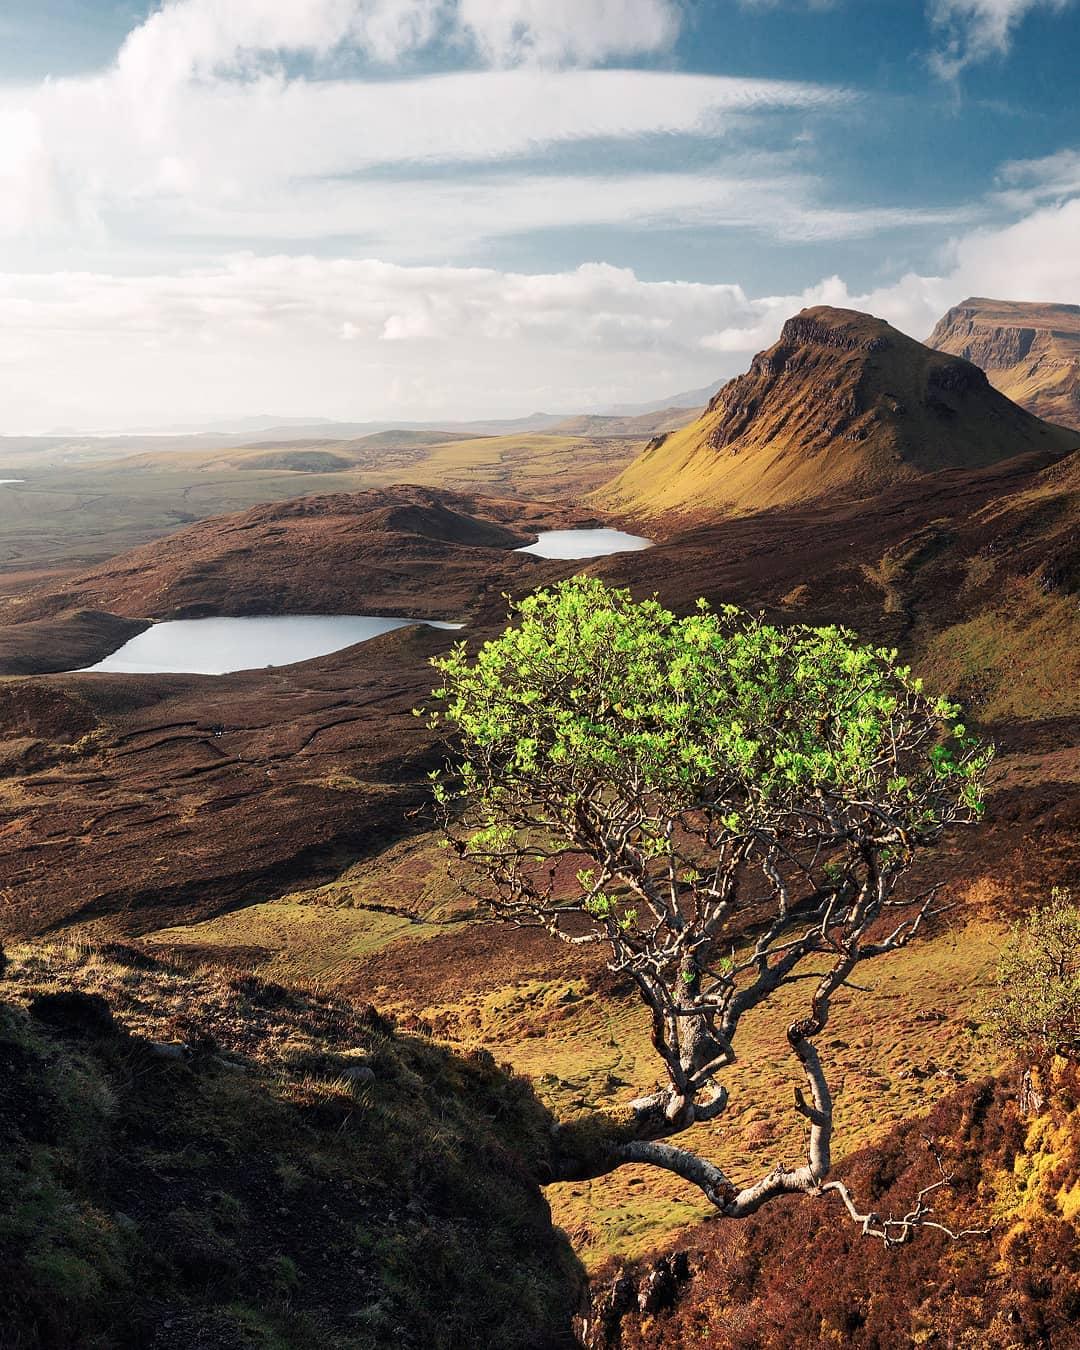 Красота природы на снимках Лукаса Фурлана